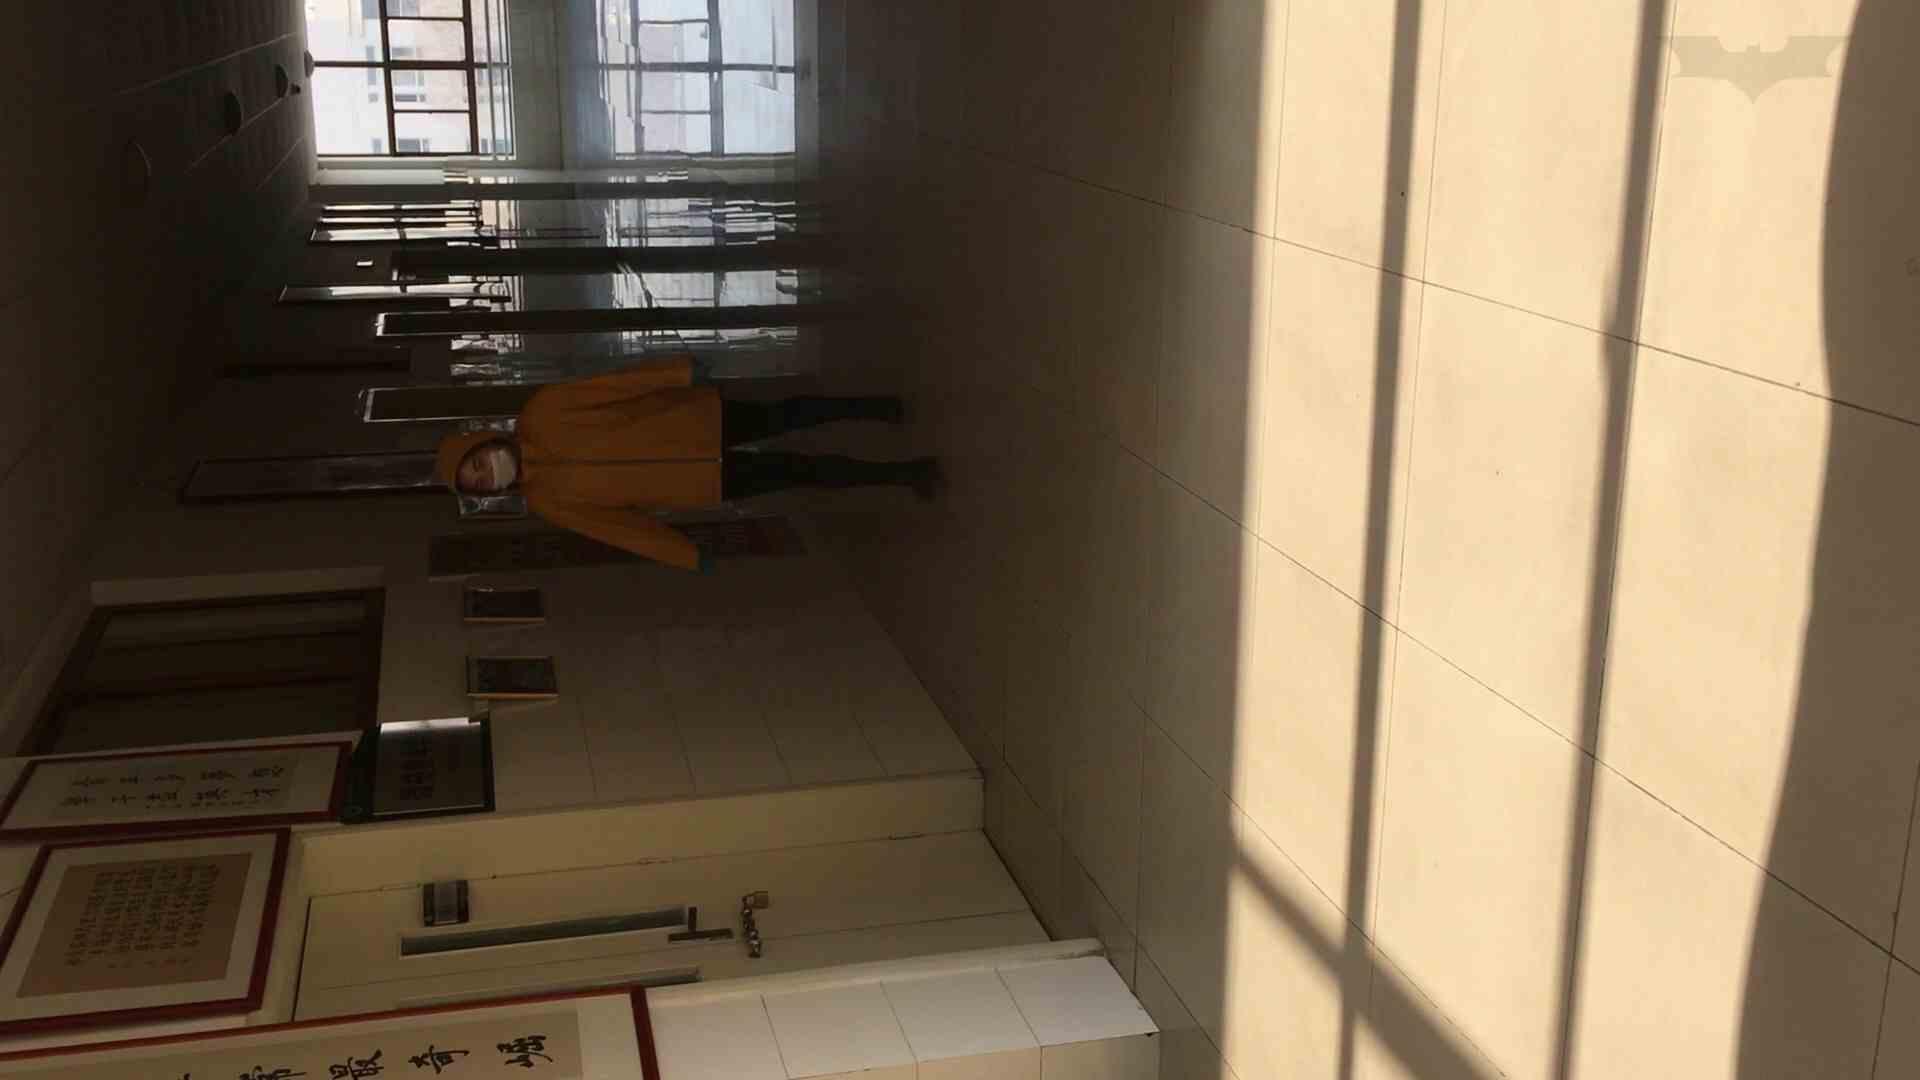 芸術大学ガチ潜入盗撮 JD盗撮 美女の洗面所の秘密 Vol.91 トイレ  72PIX 12